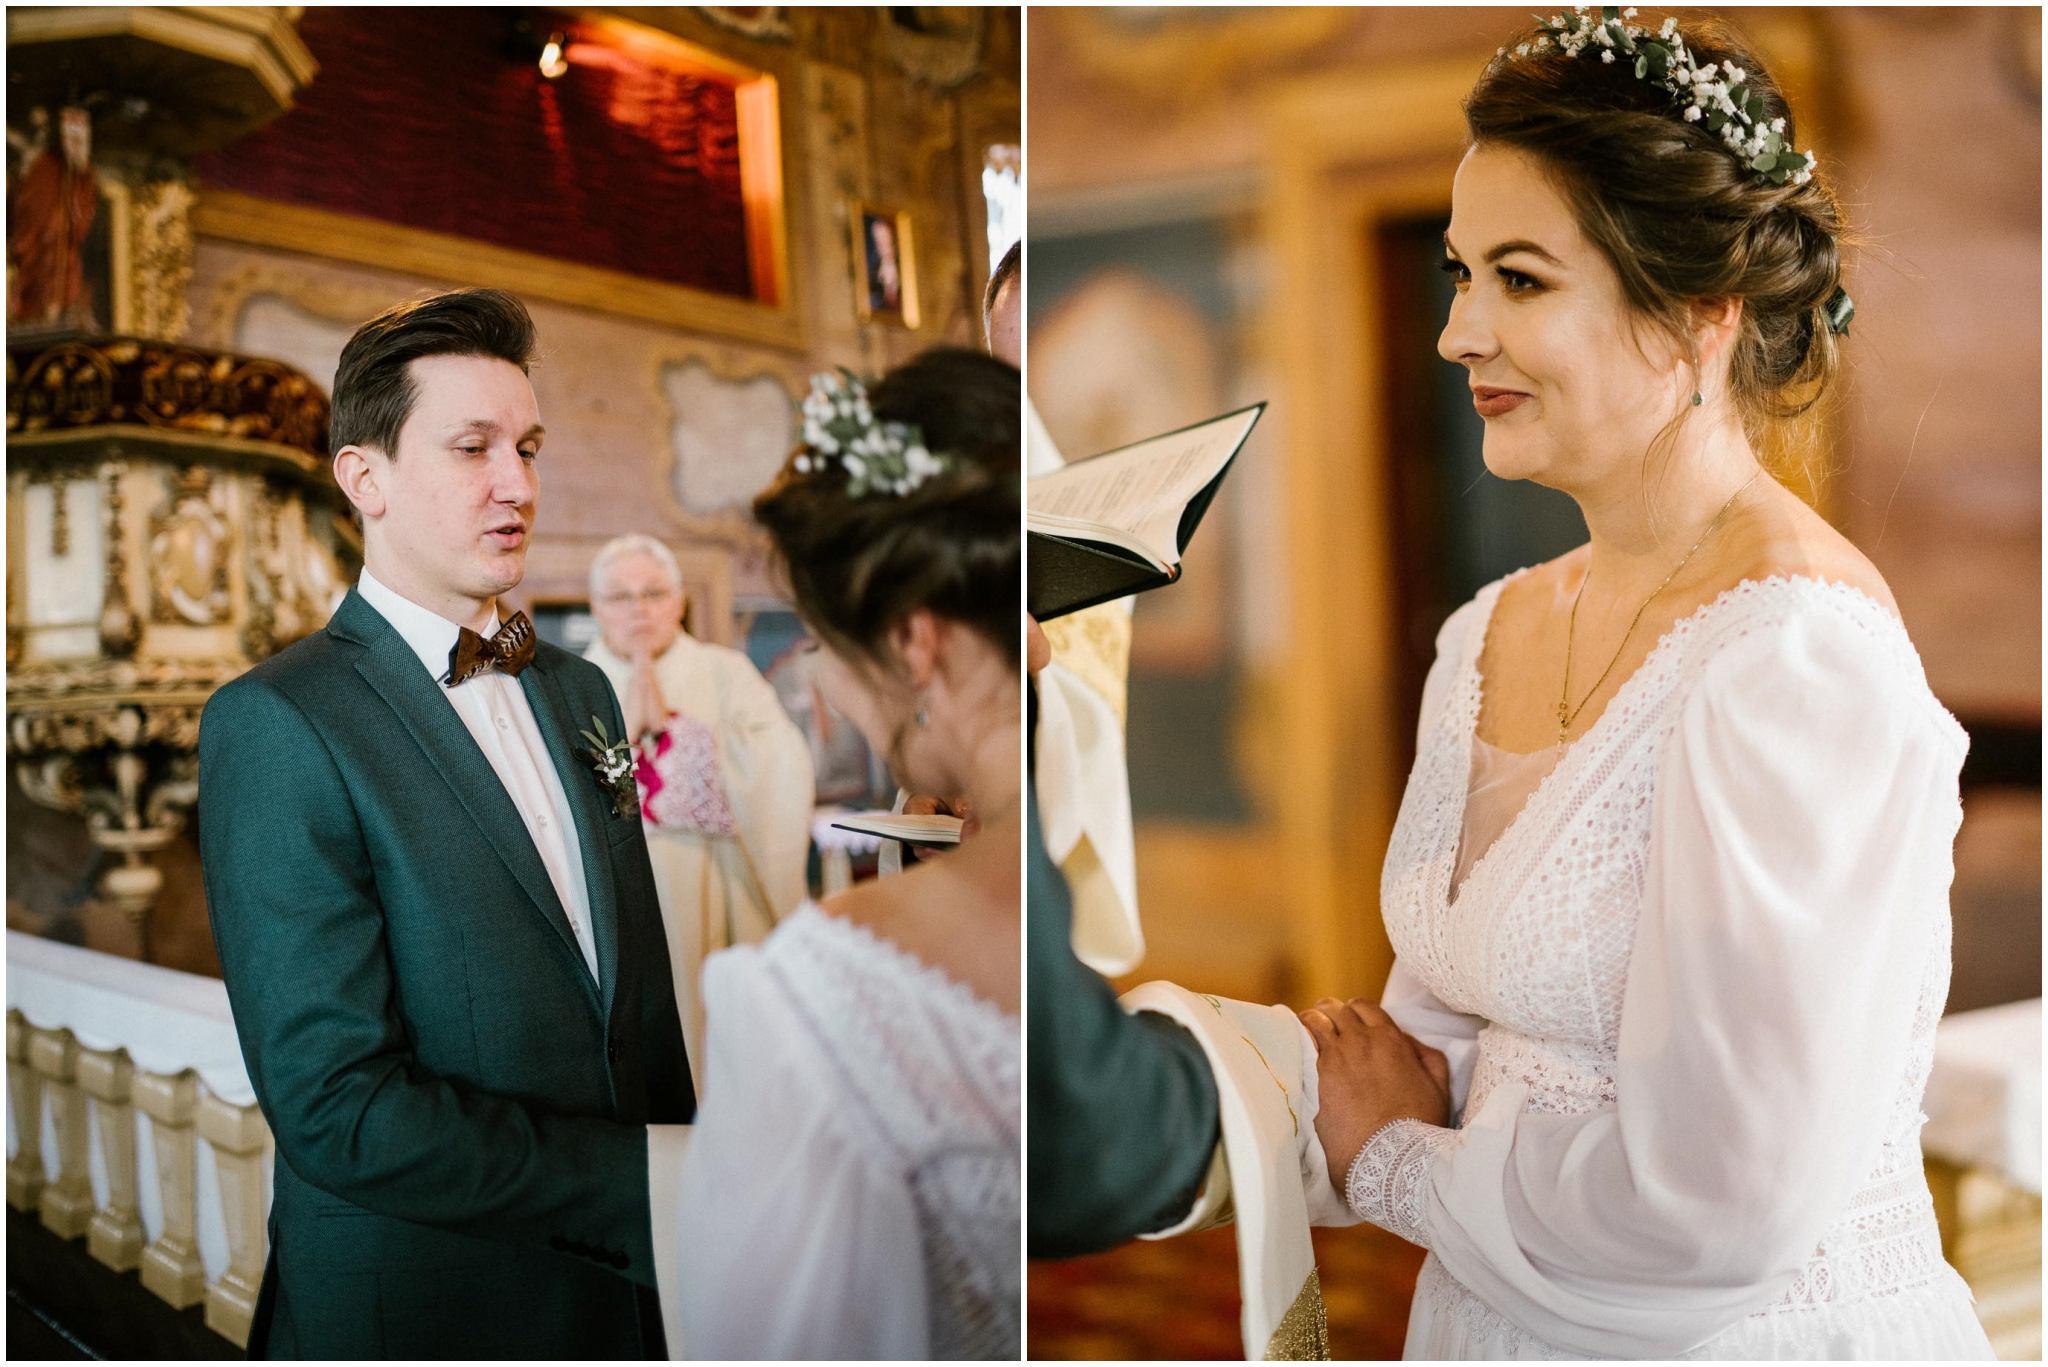 Przysięga małżeńska - sesja ślubna reportaż Żuczki Inowrocław